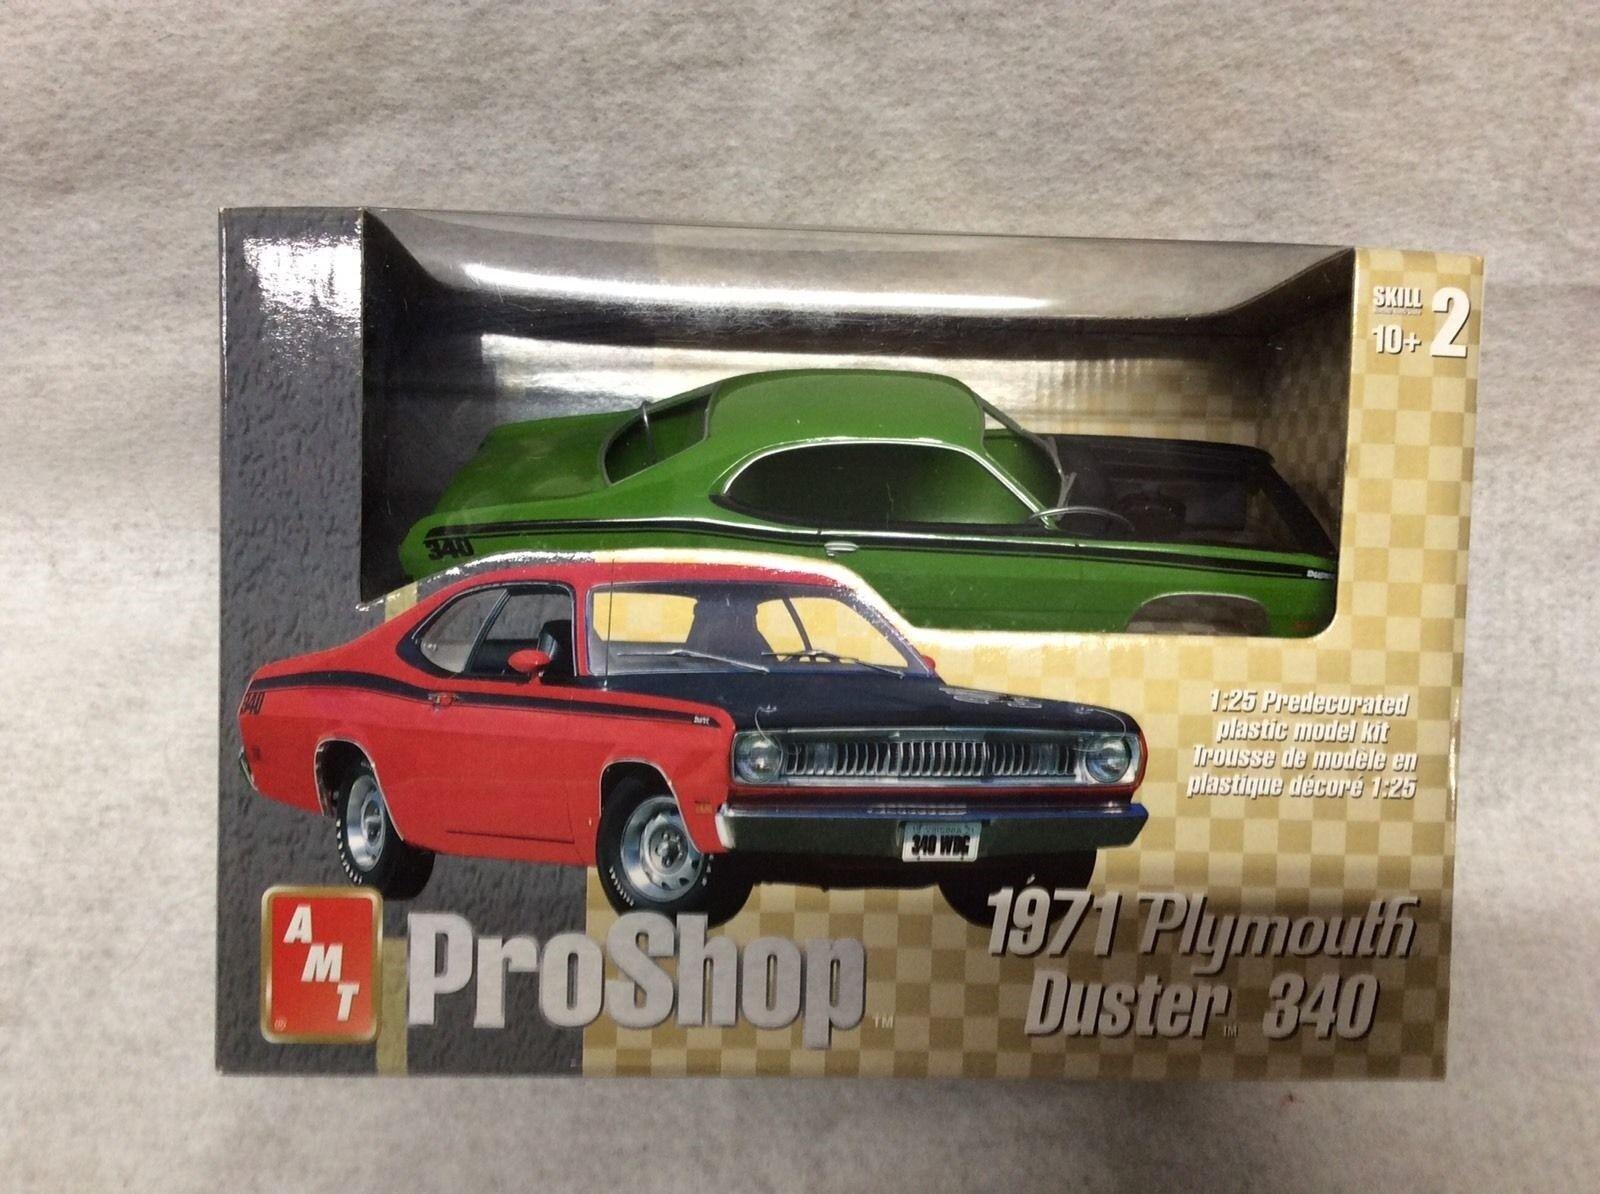 Das pro - shop 1971 plymouth duster 340 1  25 modell kit   31949 proshop neue versiegelt